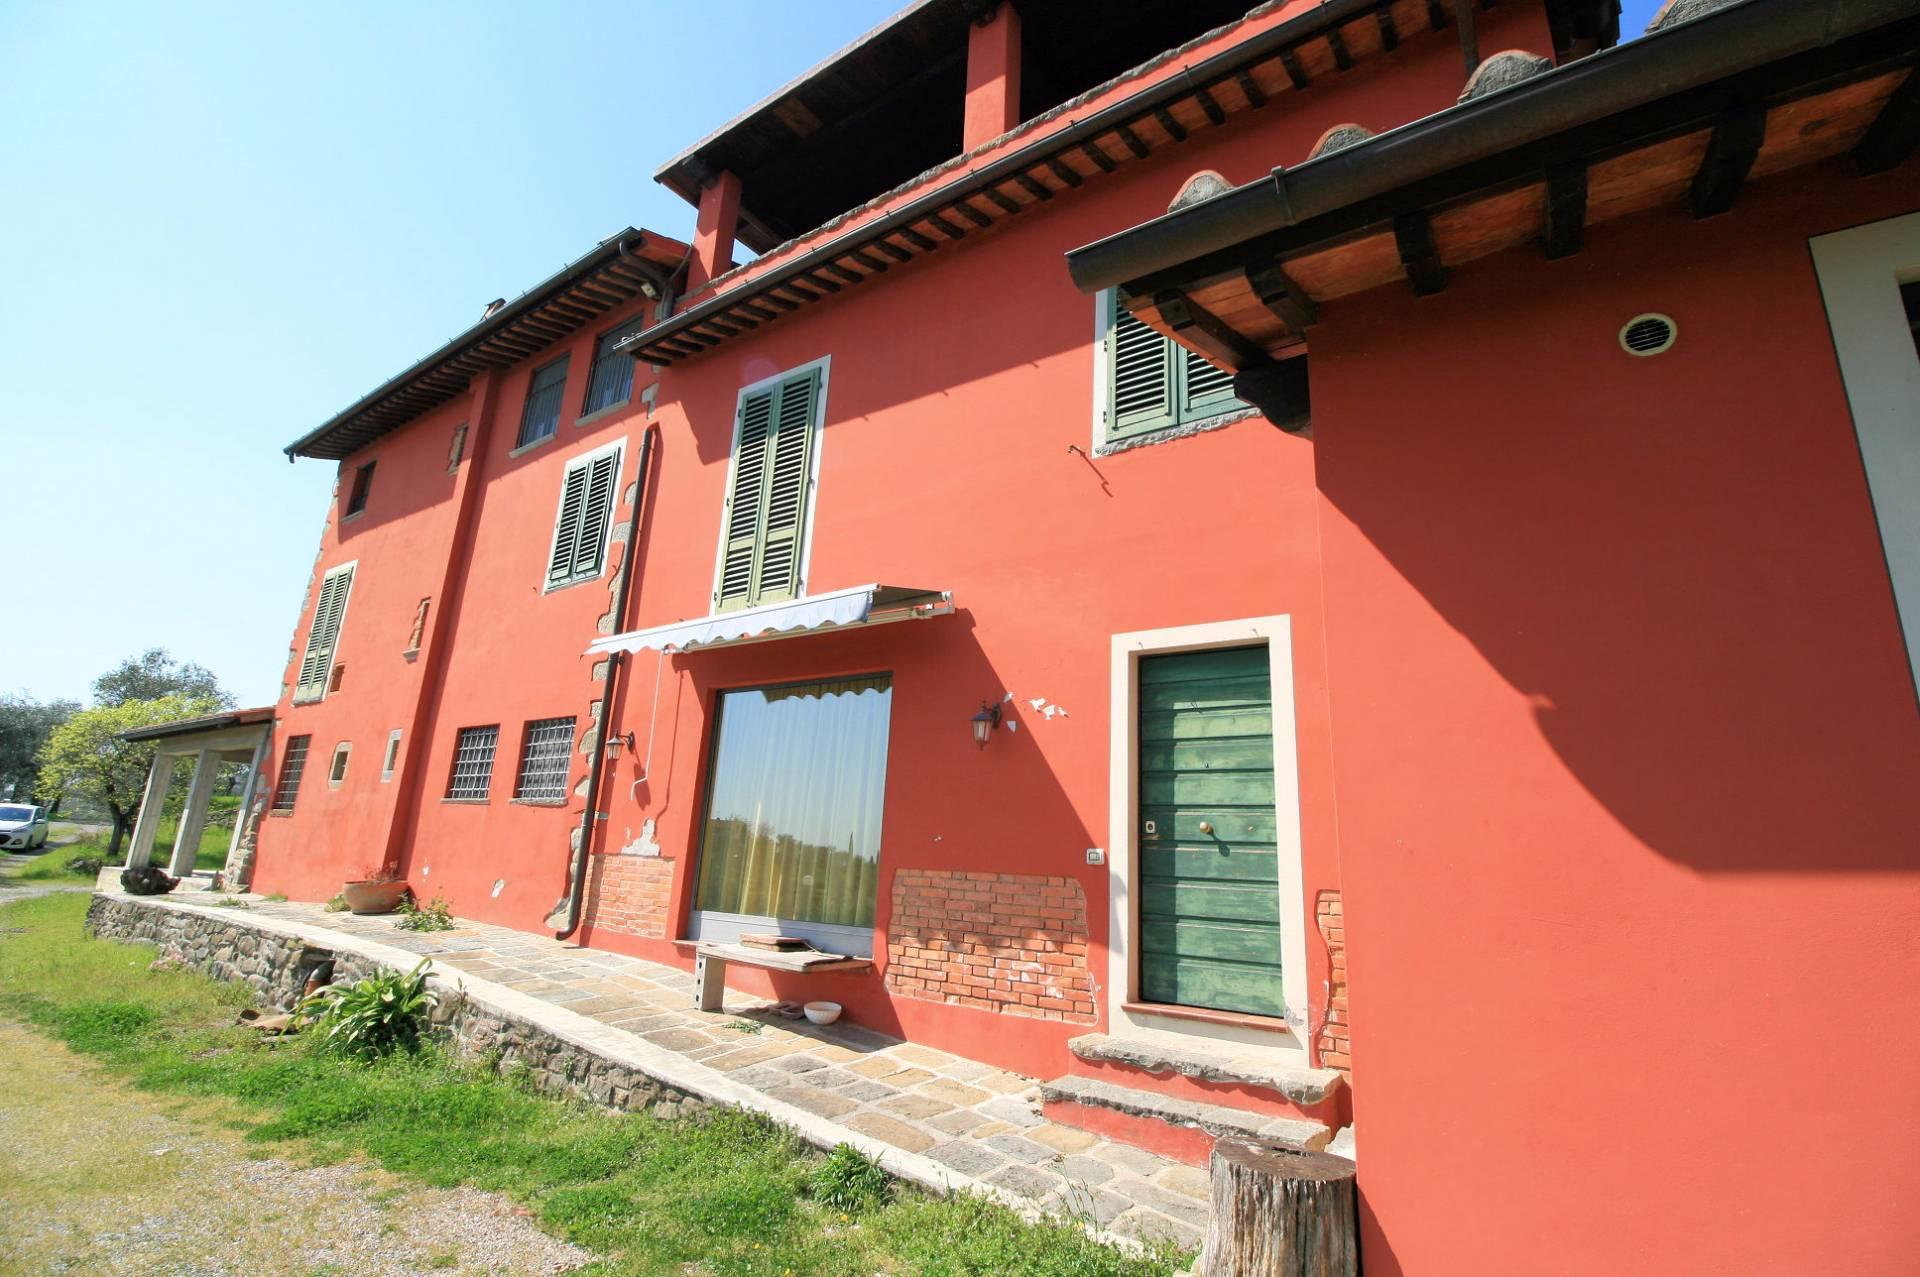 Rustico / Casale in vendita a Buggiano, 10 locali, prezzo € 570.000 | Cambio Casa.it